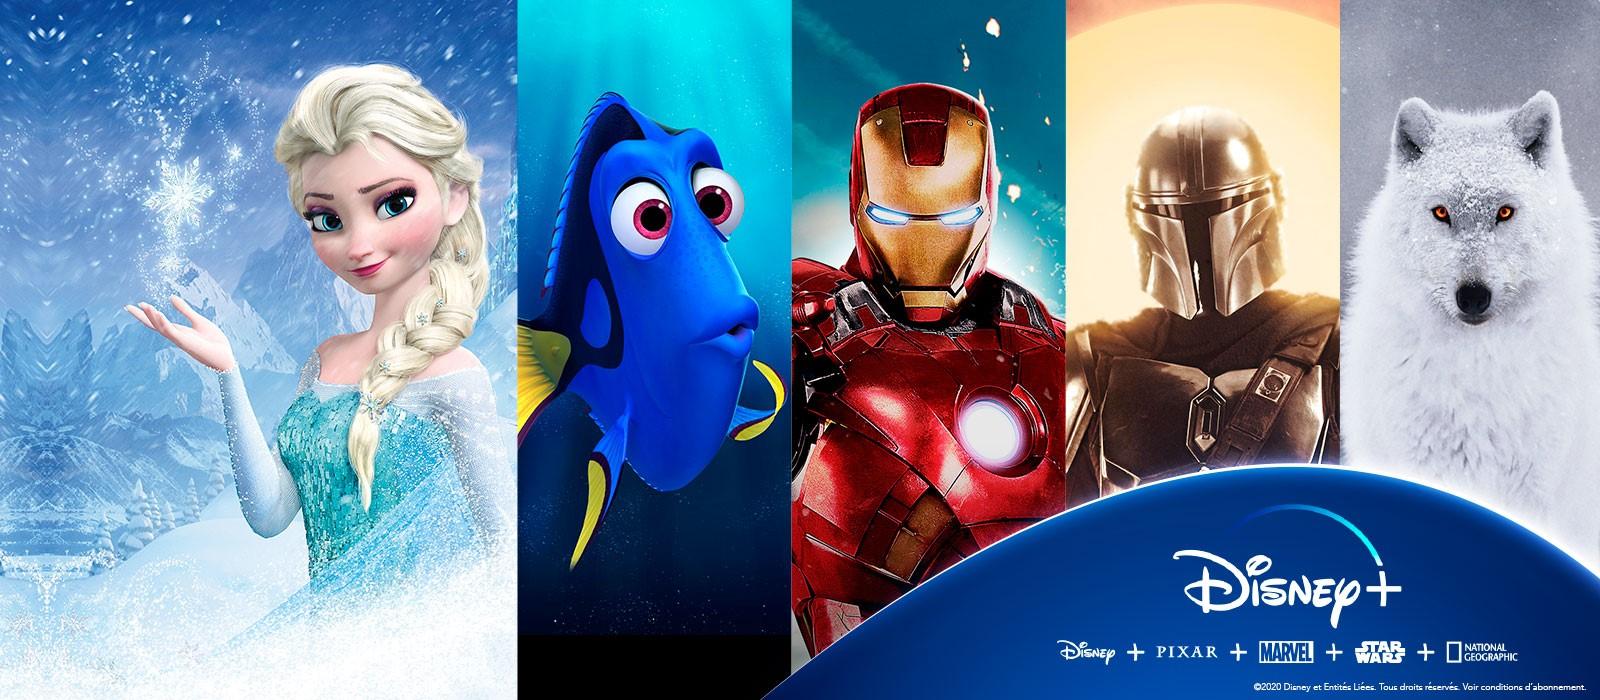 Toute l'émotion  <br />de Disney+